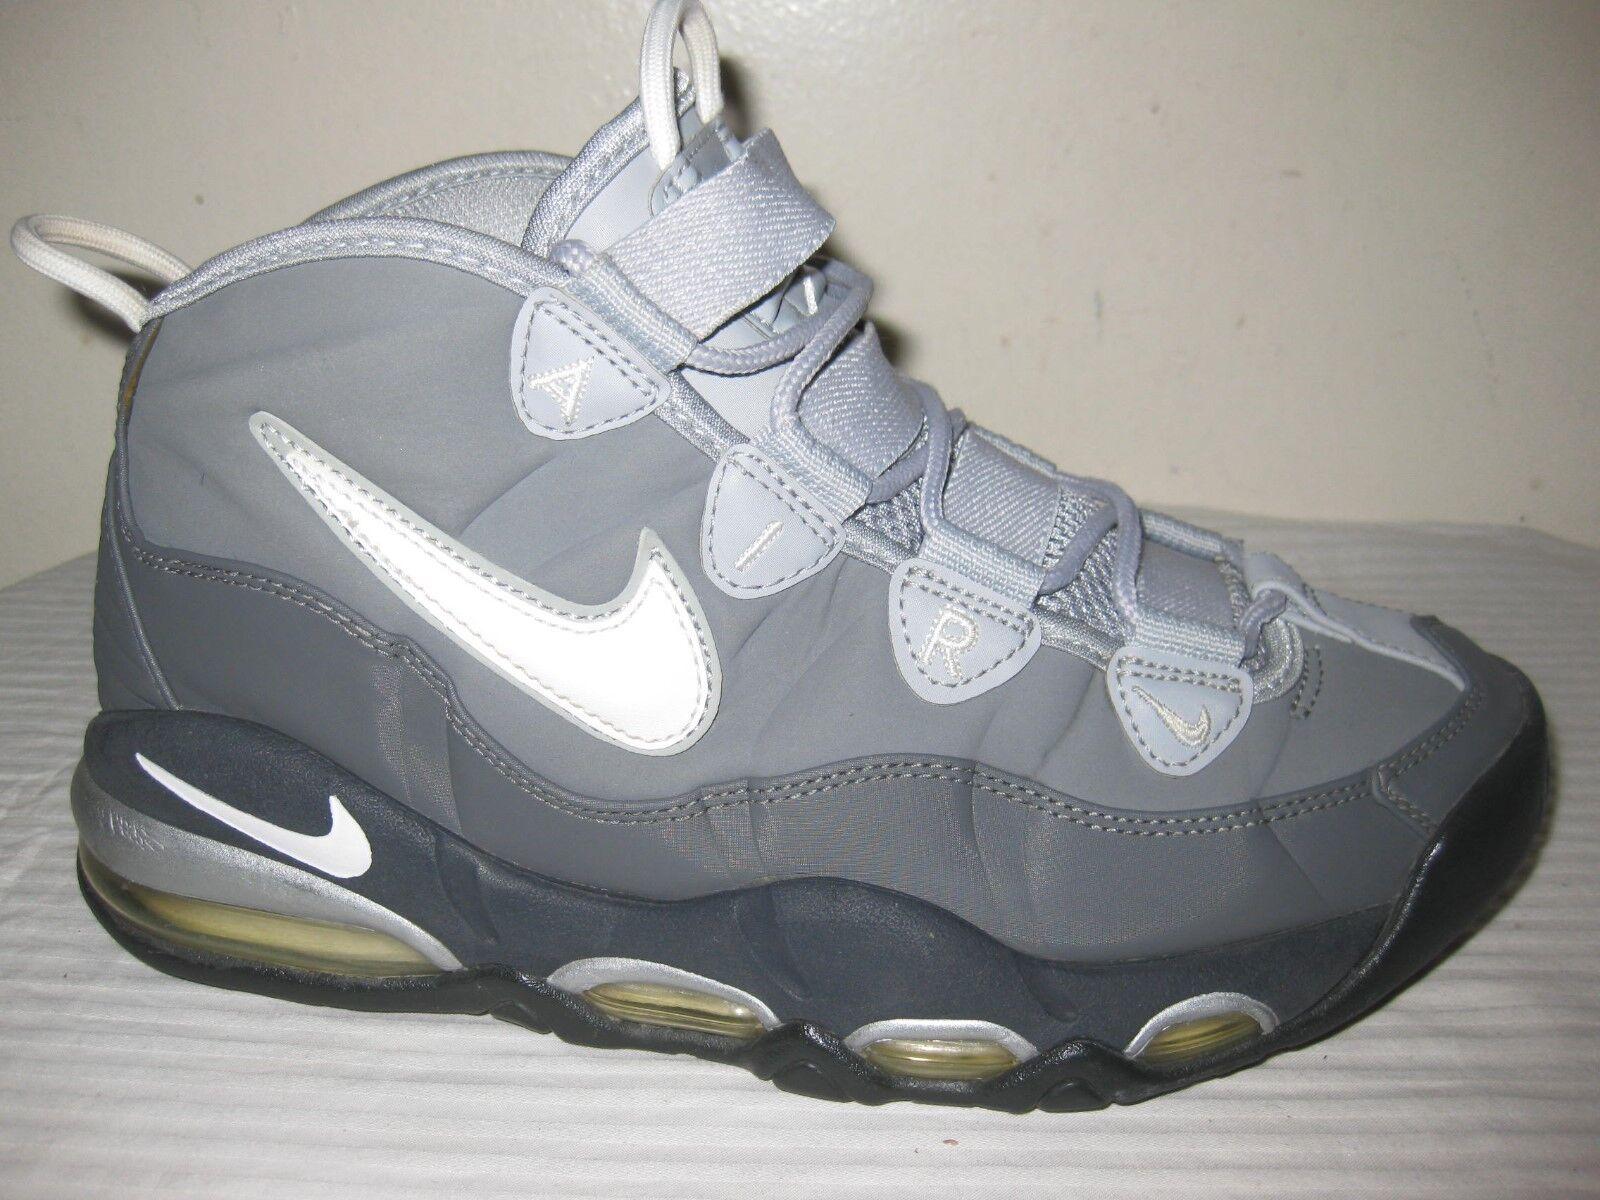 Nike Air Uptempo Cool Gris 41 311090-090 Hombres Zapatillas tamaño 41 Gris / 8 f5d368